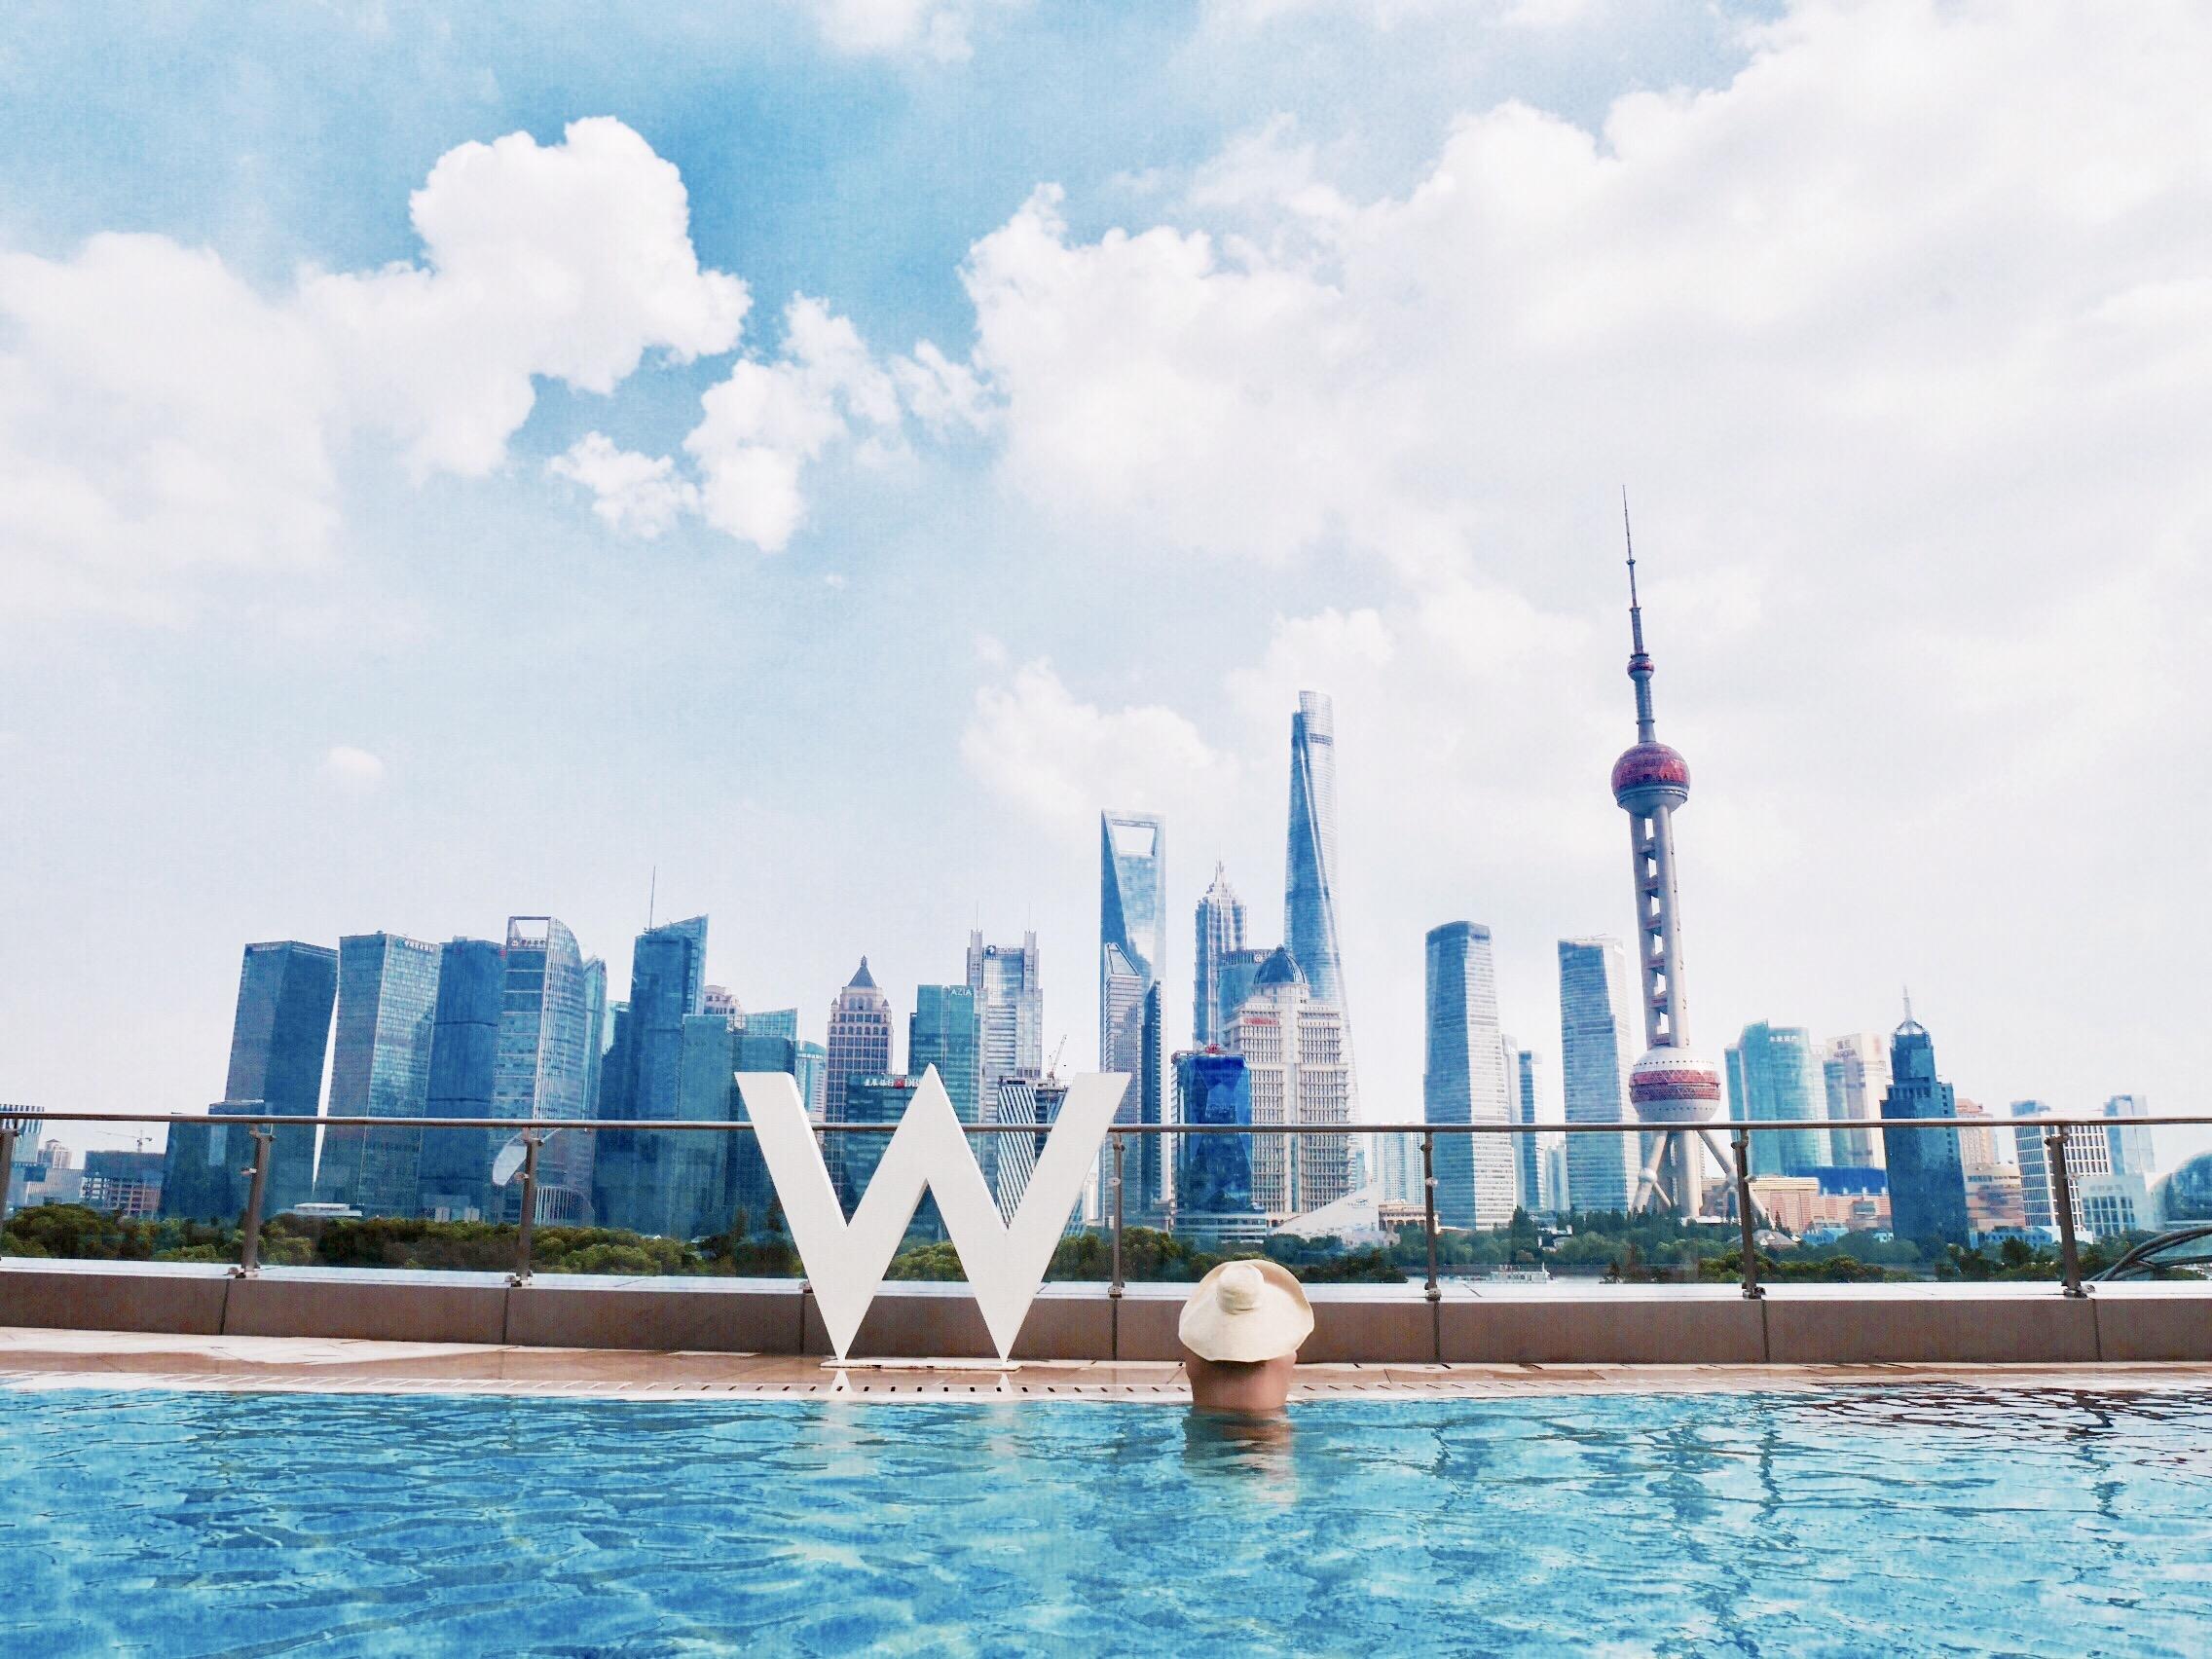 img 7001 - W HOTEL - 上海No.1の景色を楽しむホテル